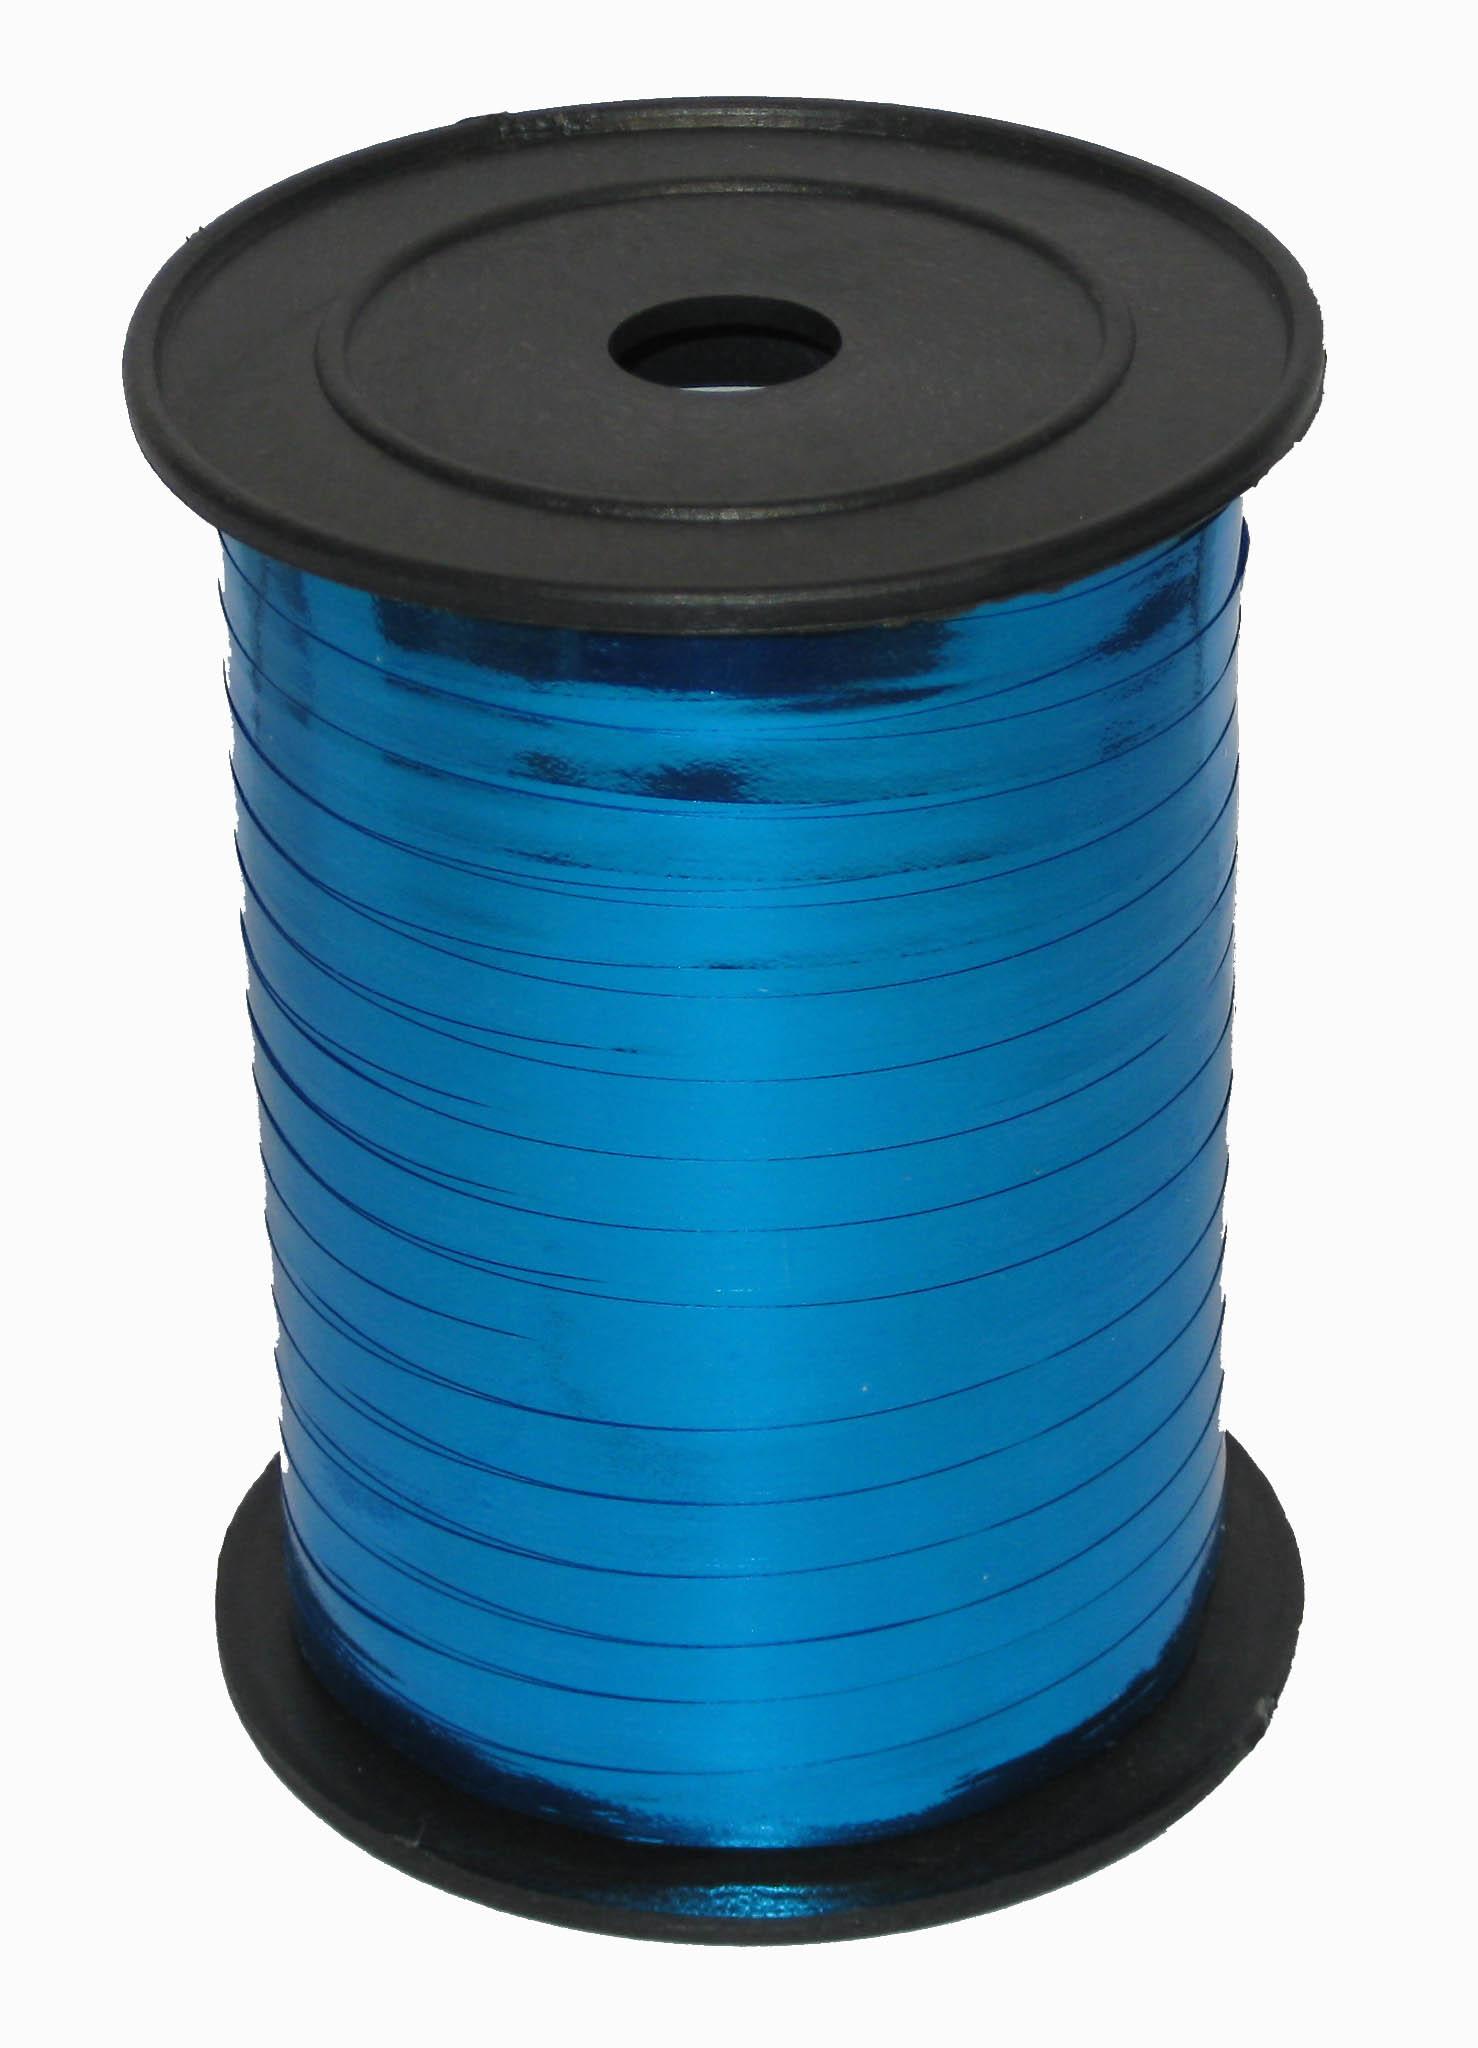 Лента Синяя металл, бобина 0,5 см / 250 м / Россия